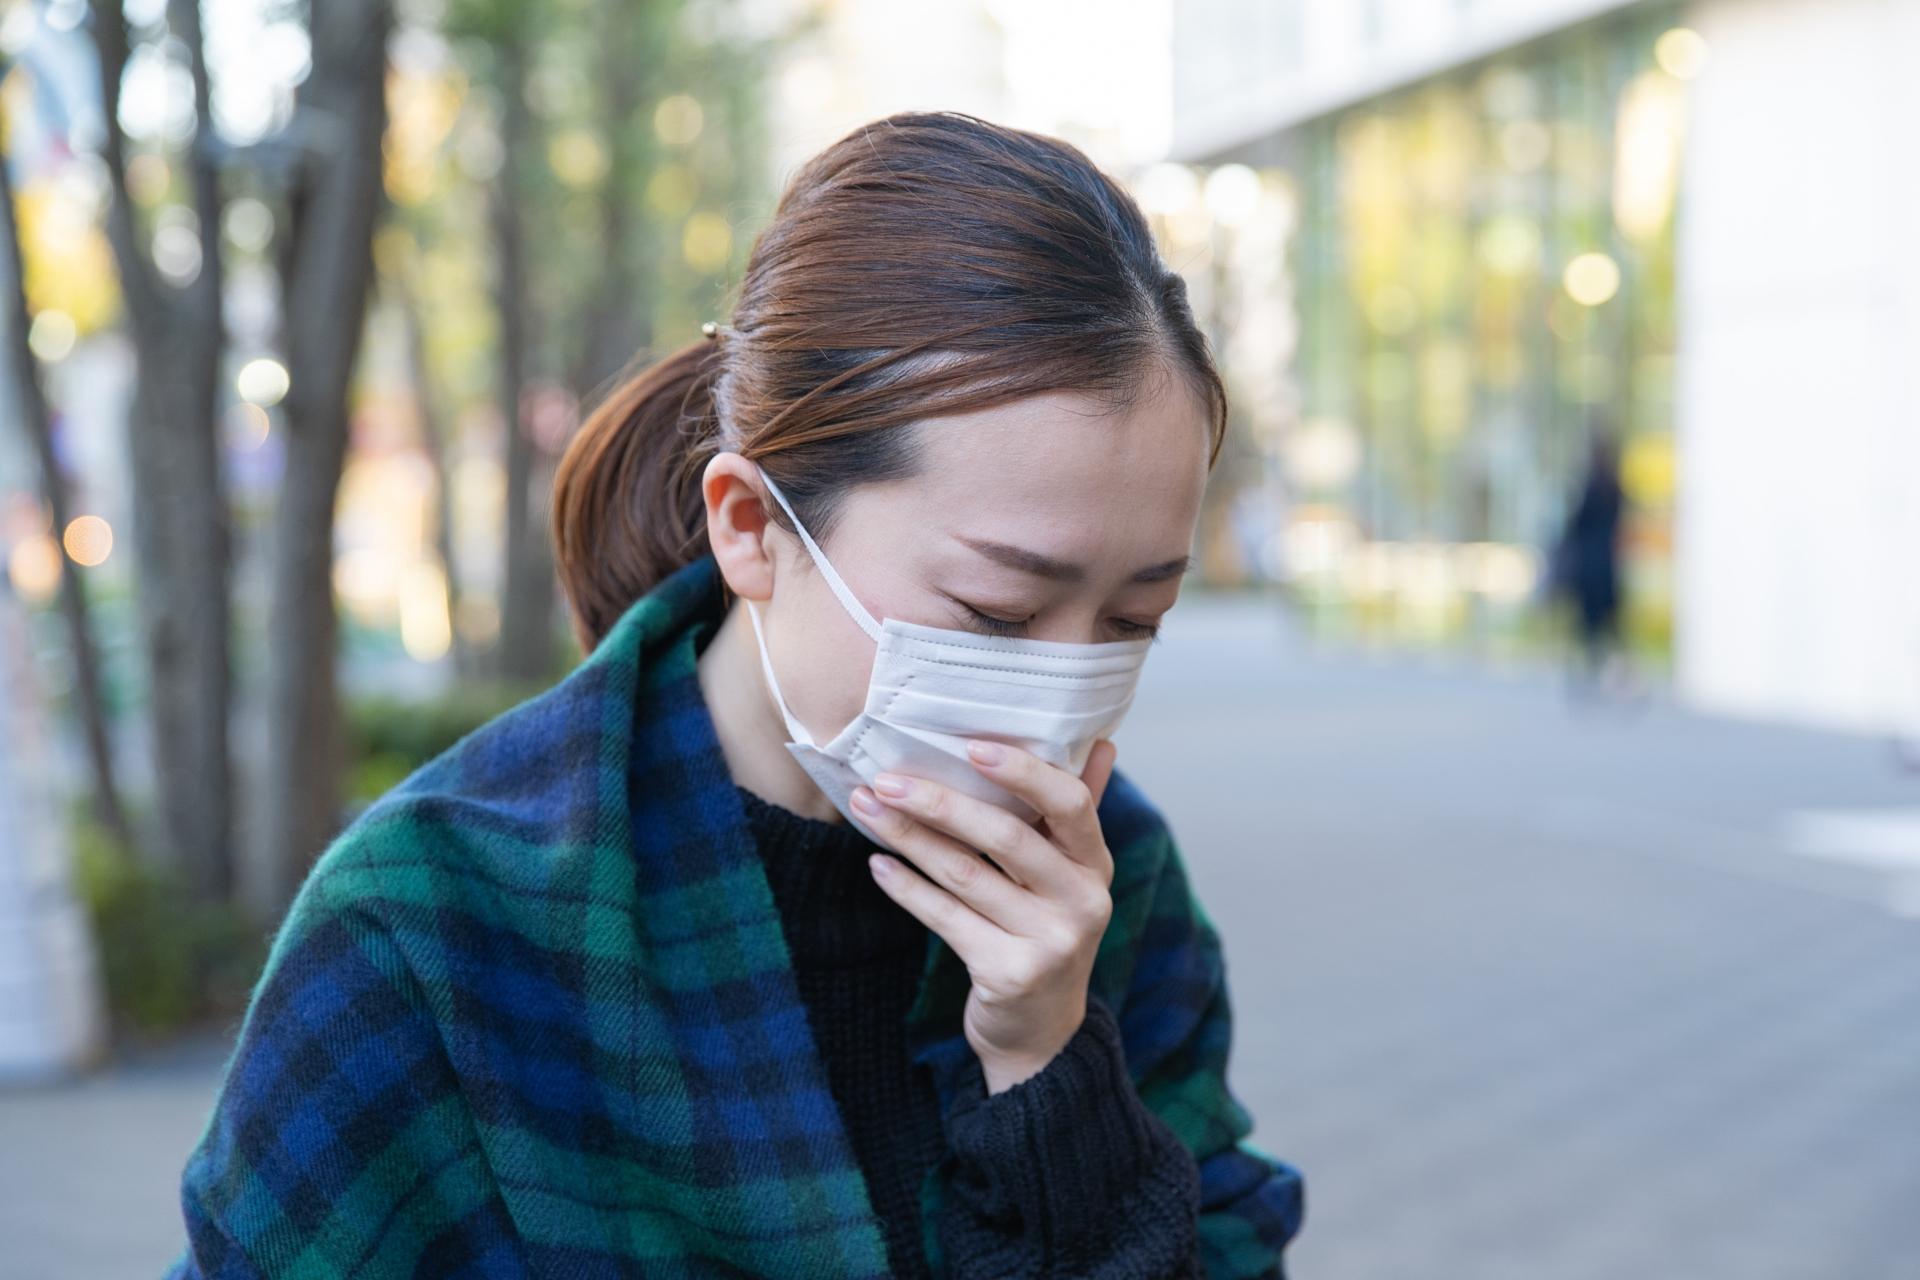 街中でマスクを着用し咳をするOLのイメージ画像です。